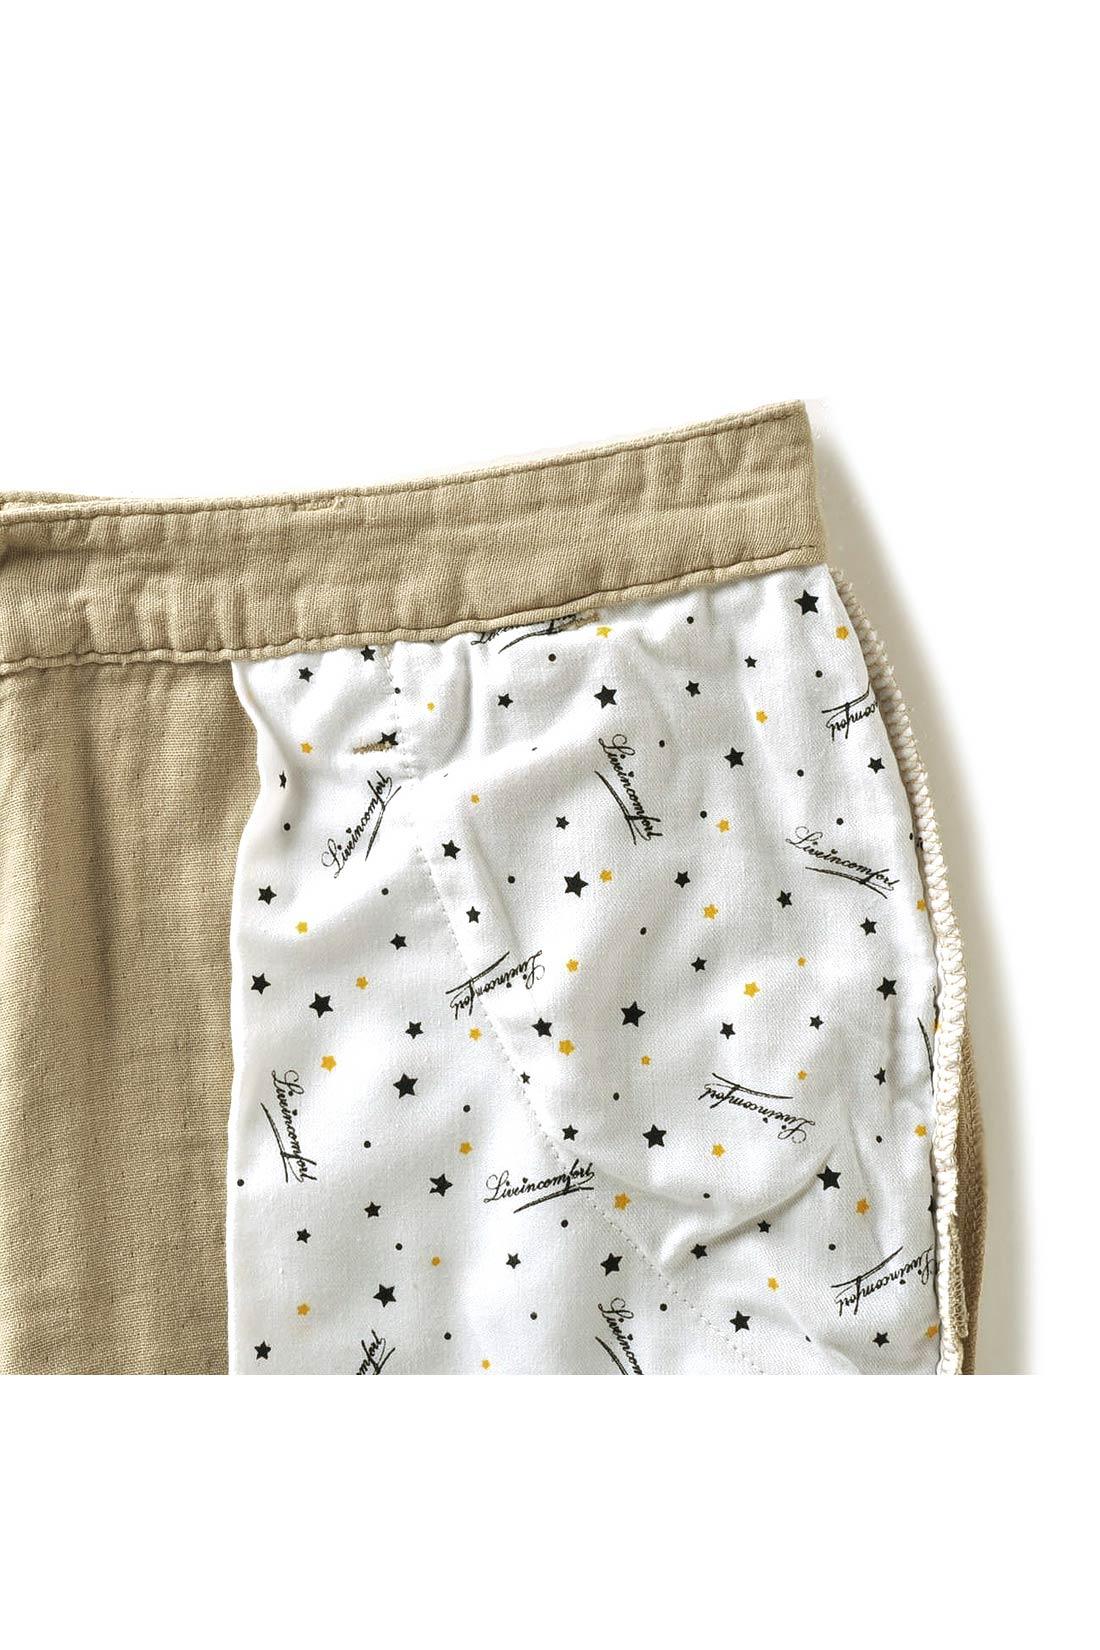 前ポケットの裏地はオリジナルの星柄プリント。